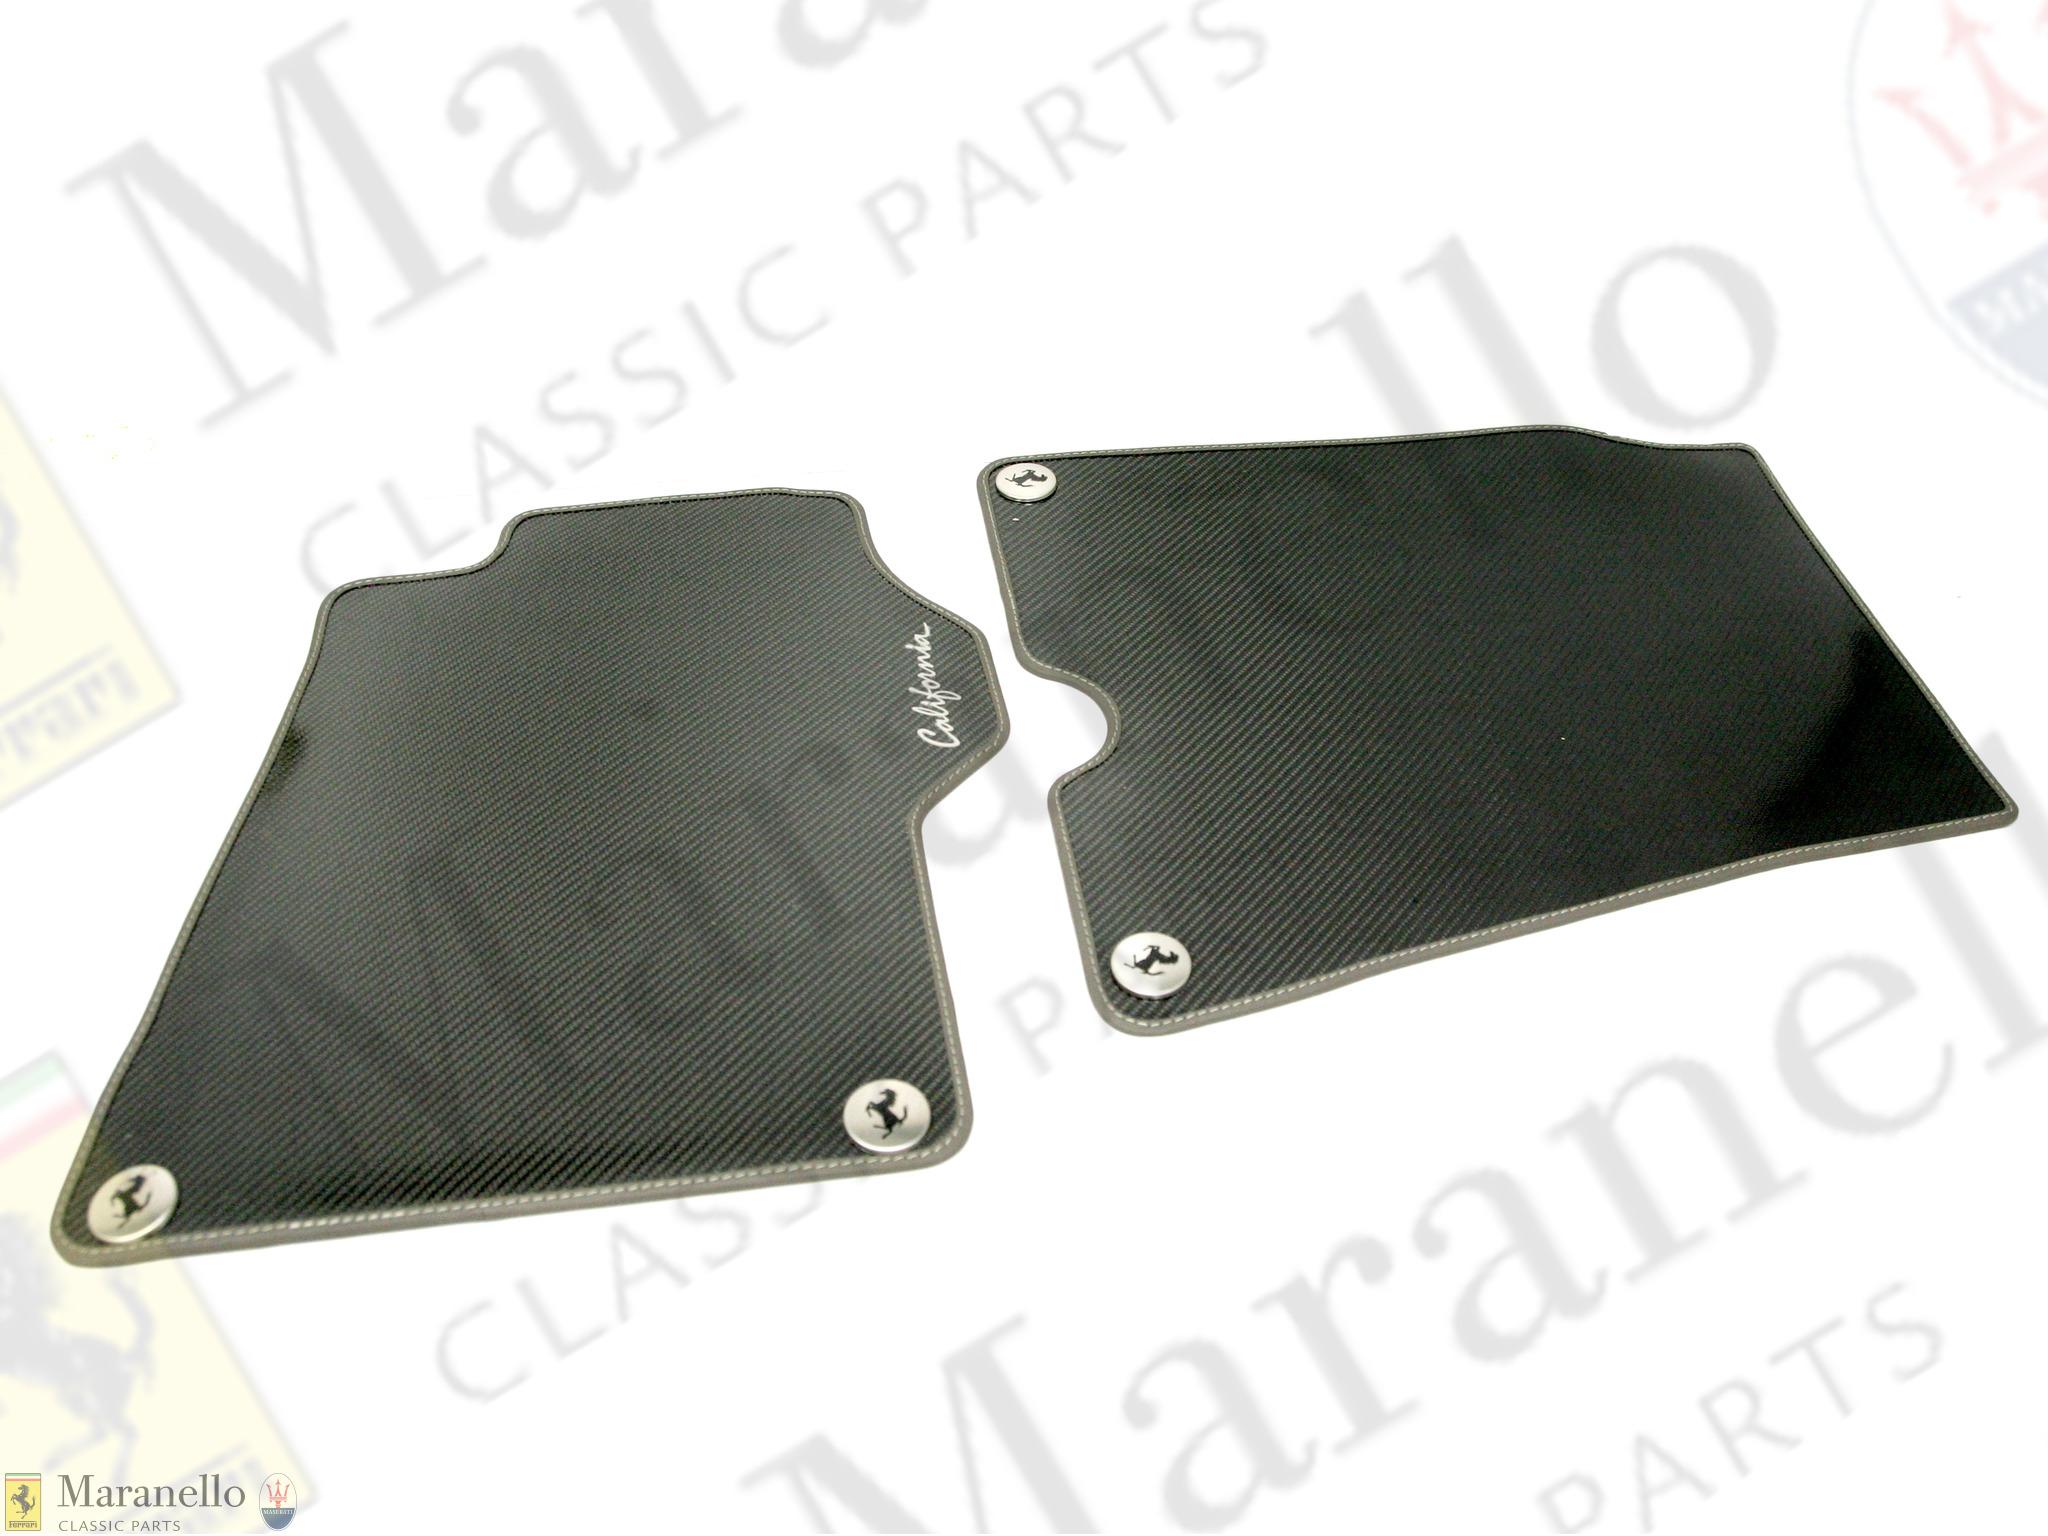 Ferrari Part 70001985 Rhd California Carbon Floor Mats Kit Maranello Classic Parts